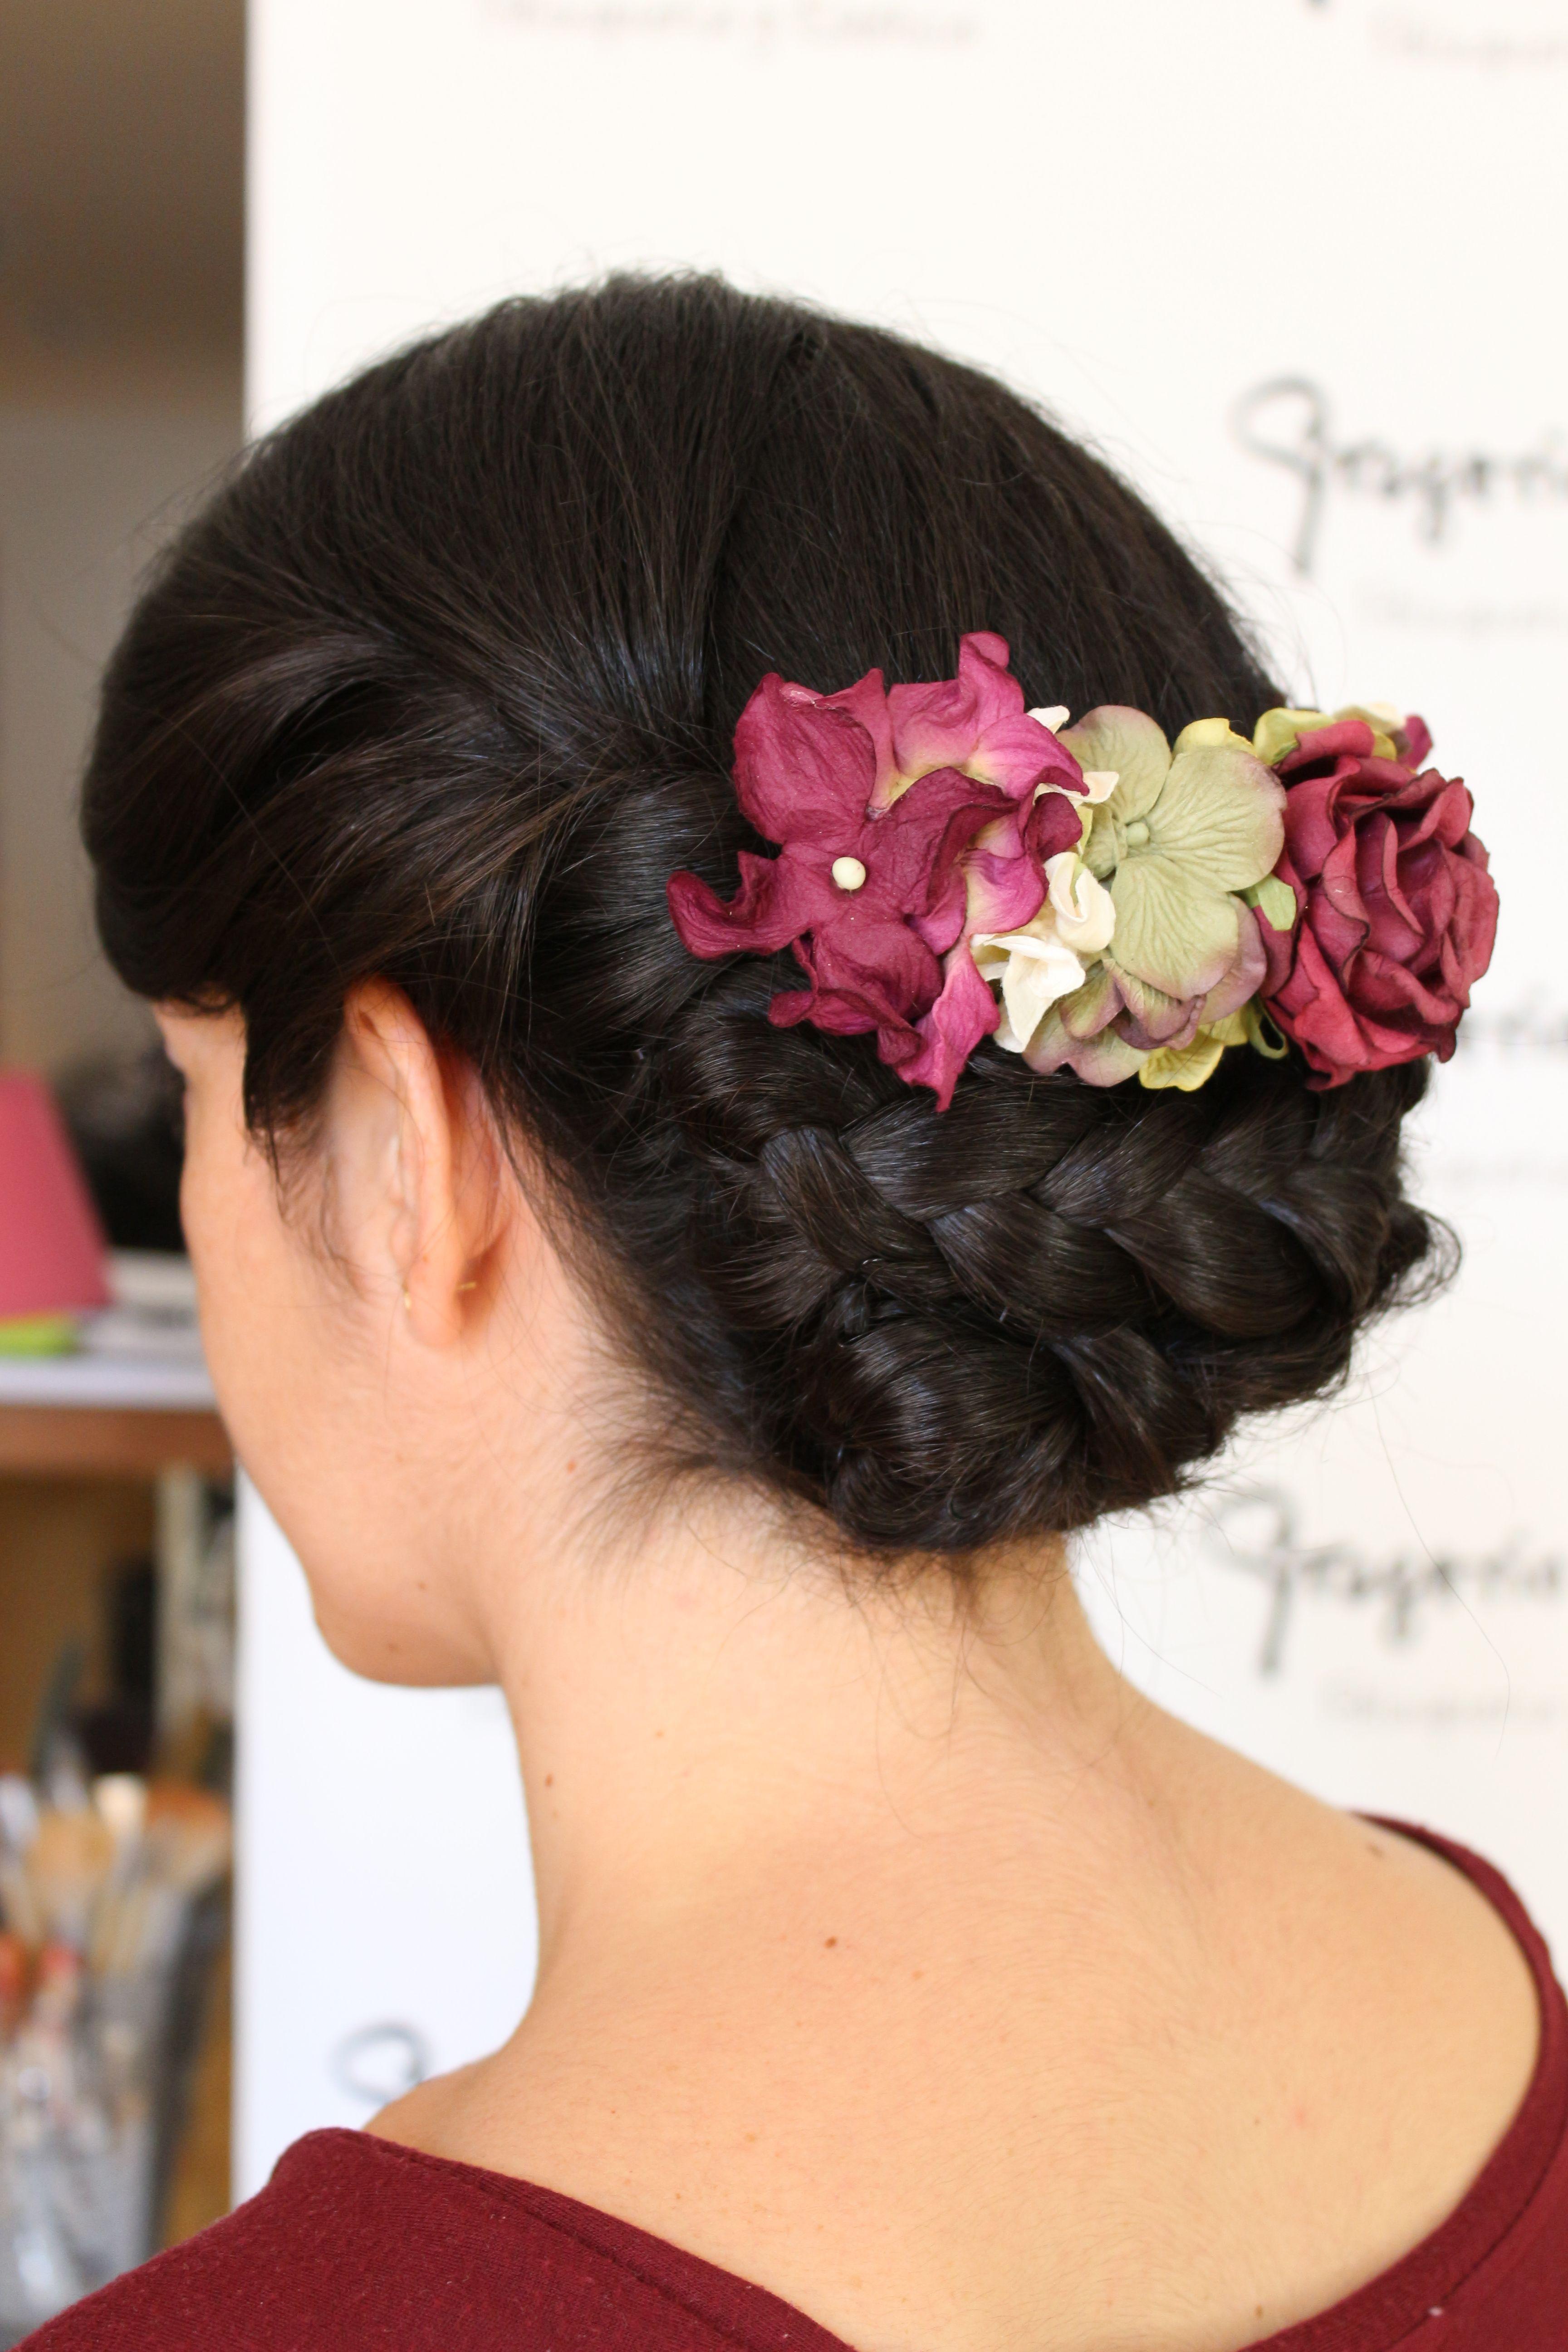 Bonito y sencillo peinados con tocado para boda Imagen de cortes de pelo estilo - Recogido para boda con tocado de flores realizado en ...